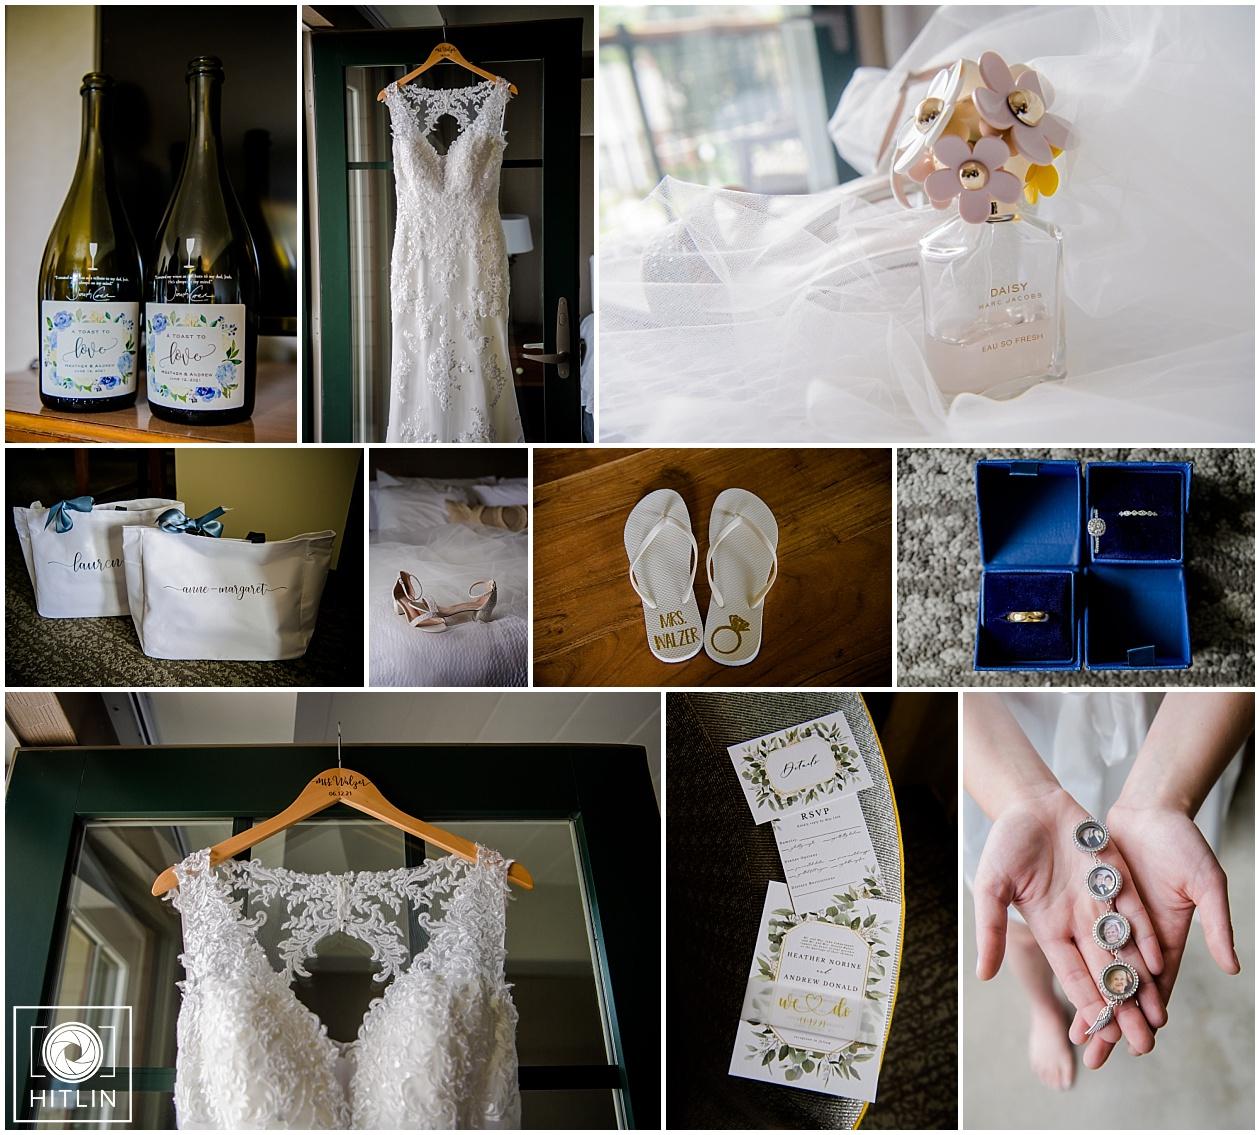 Heather & Andrew's Wedding